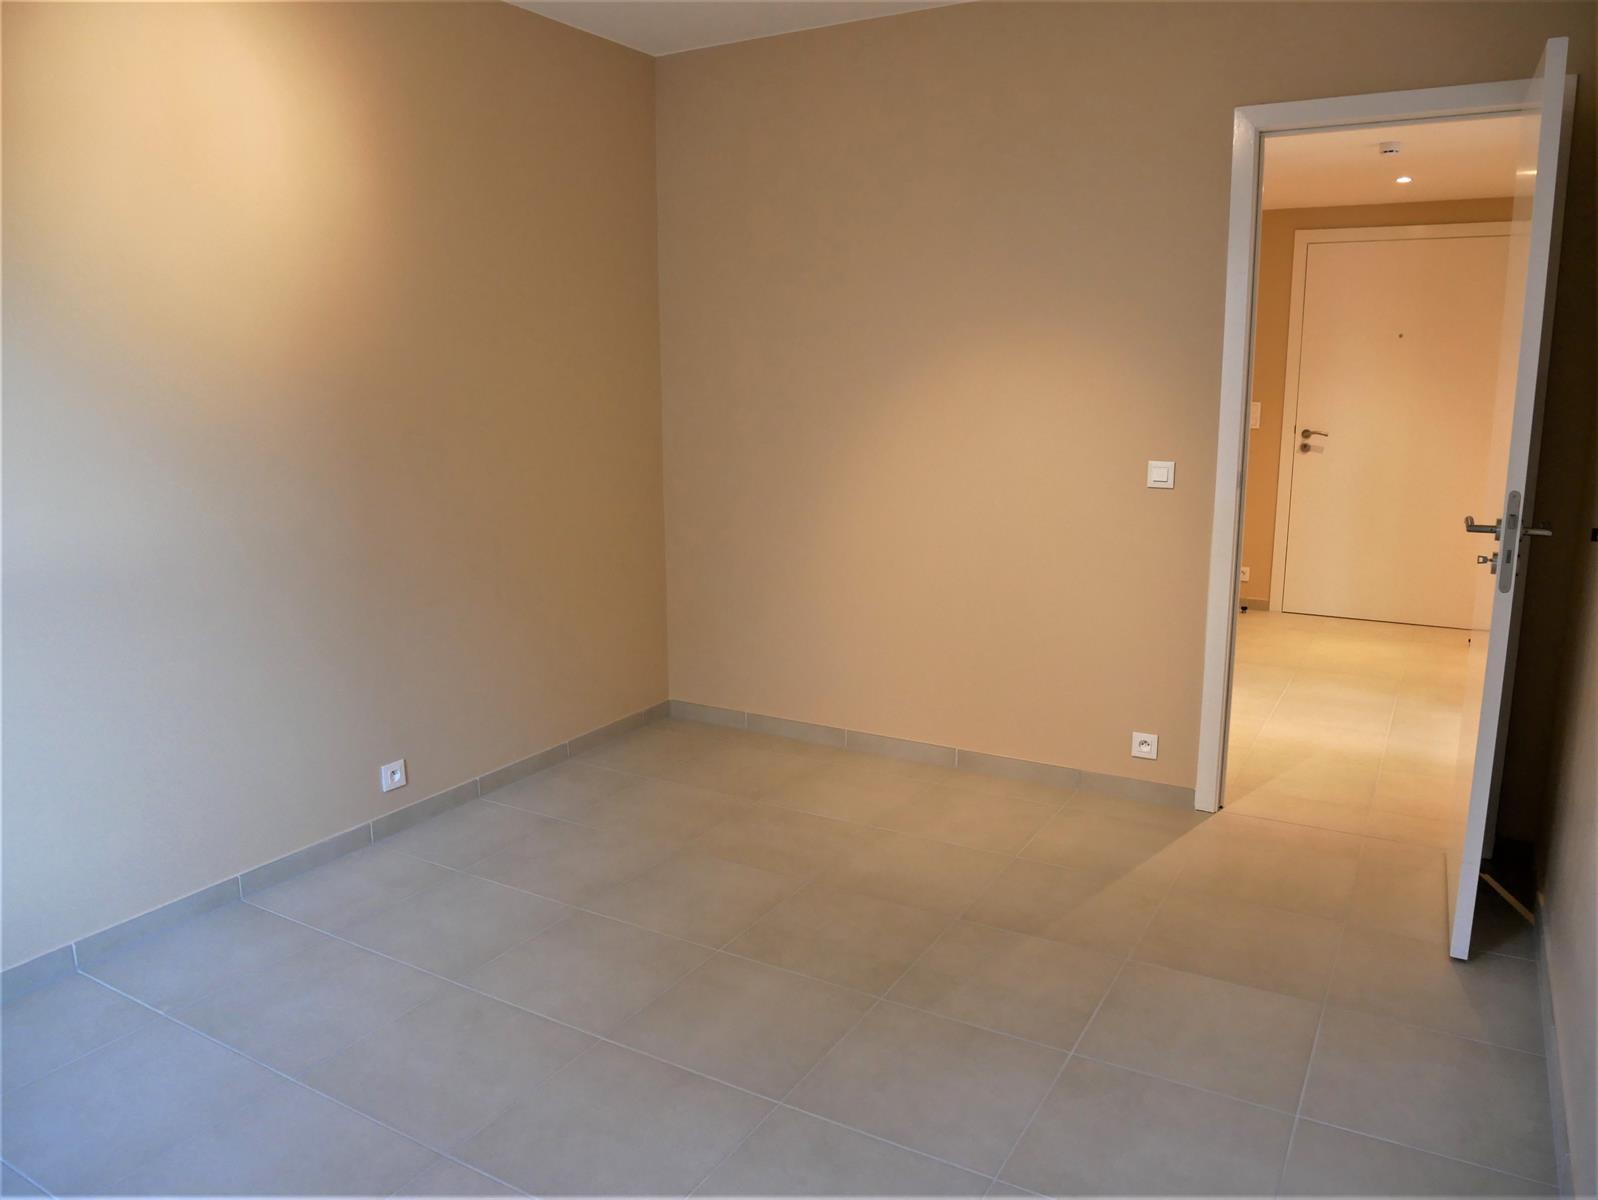 Appartement - Wavre - #4202911-9